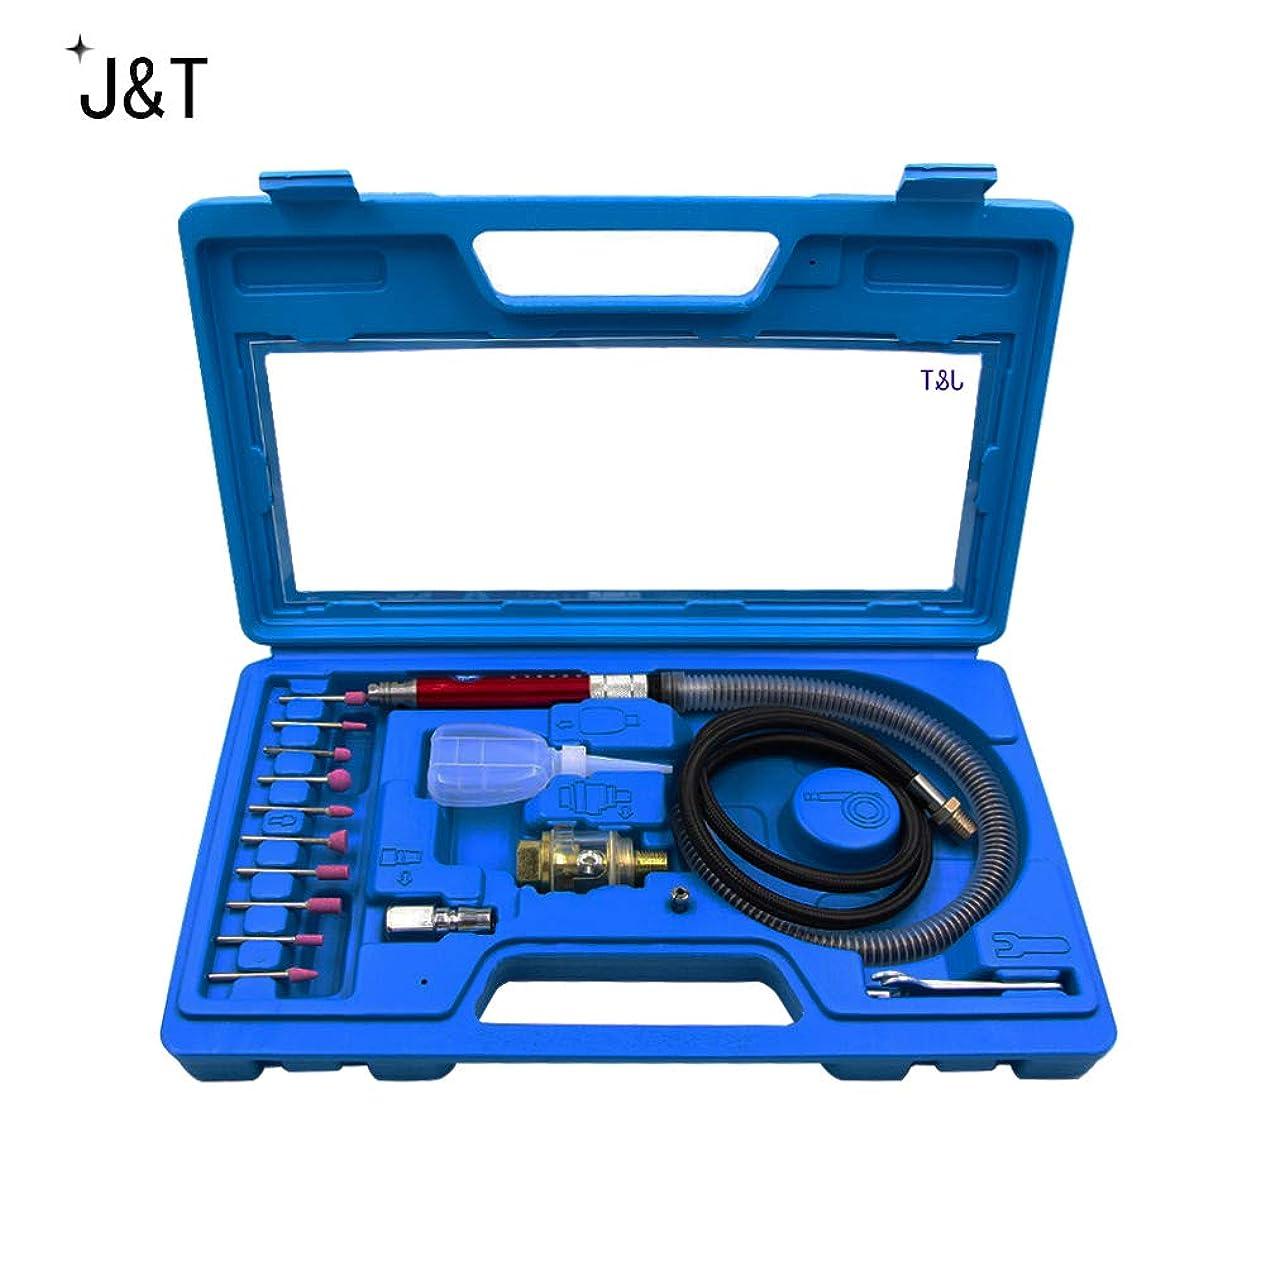 膜浅い倍率J&T エアーリューター エアーグラインダー セット ツールパワー 砥石10種類付き 研磨 研削 JT-29-013